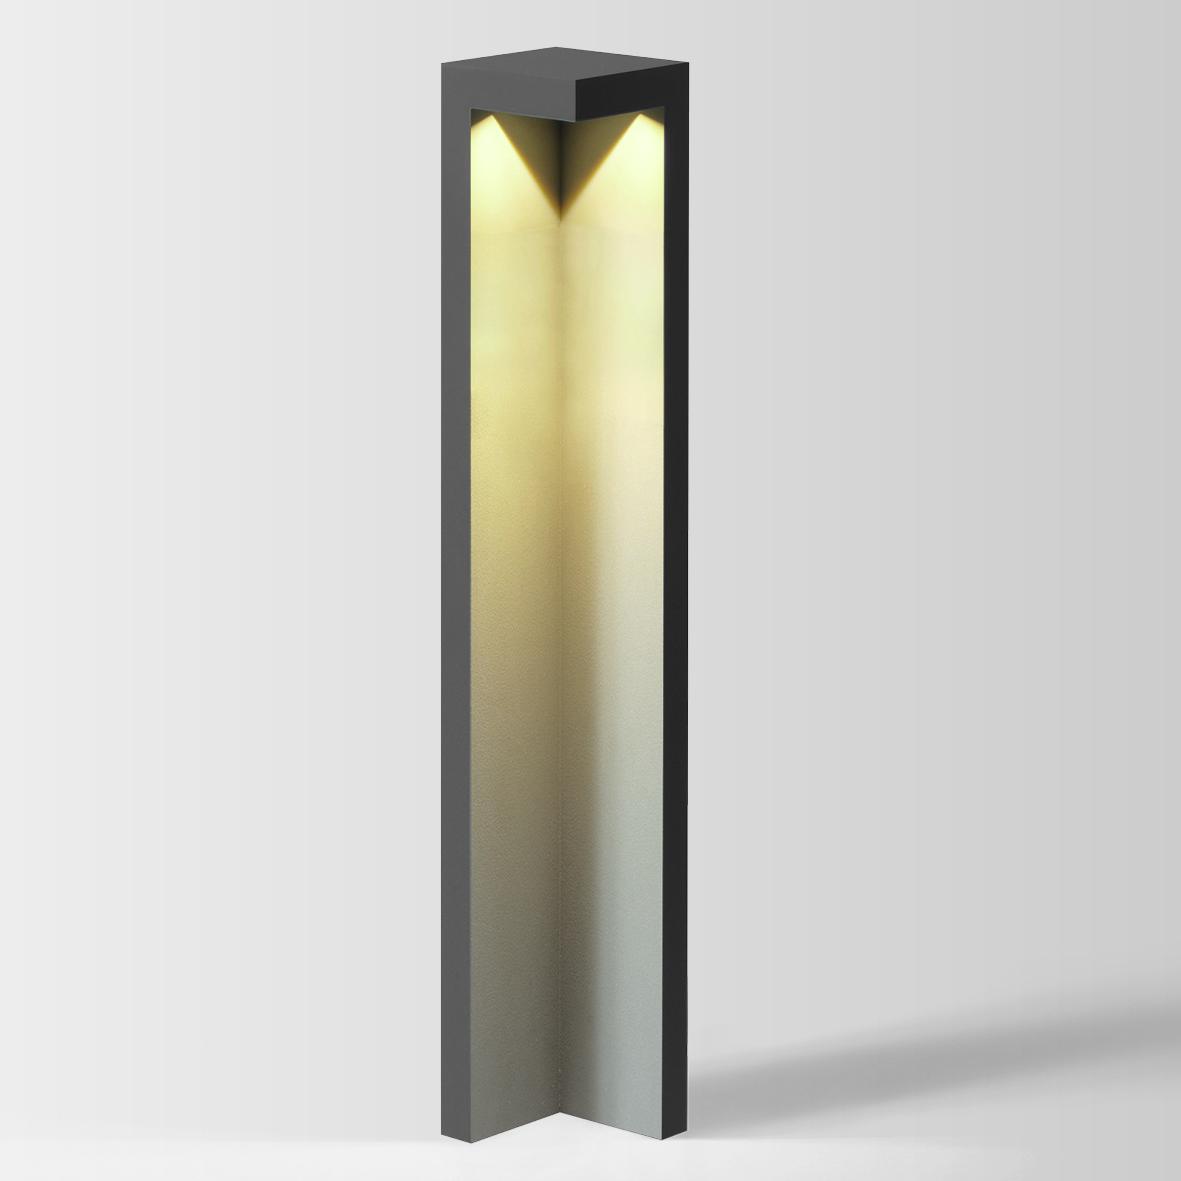 EDGE 8.0 LED 3000K DIM tumehall 8W 80 220-240VAC, välisvalgusti pollar